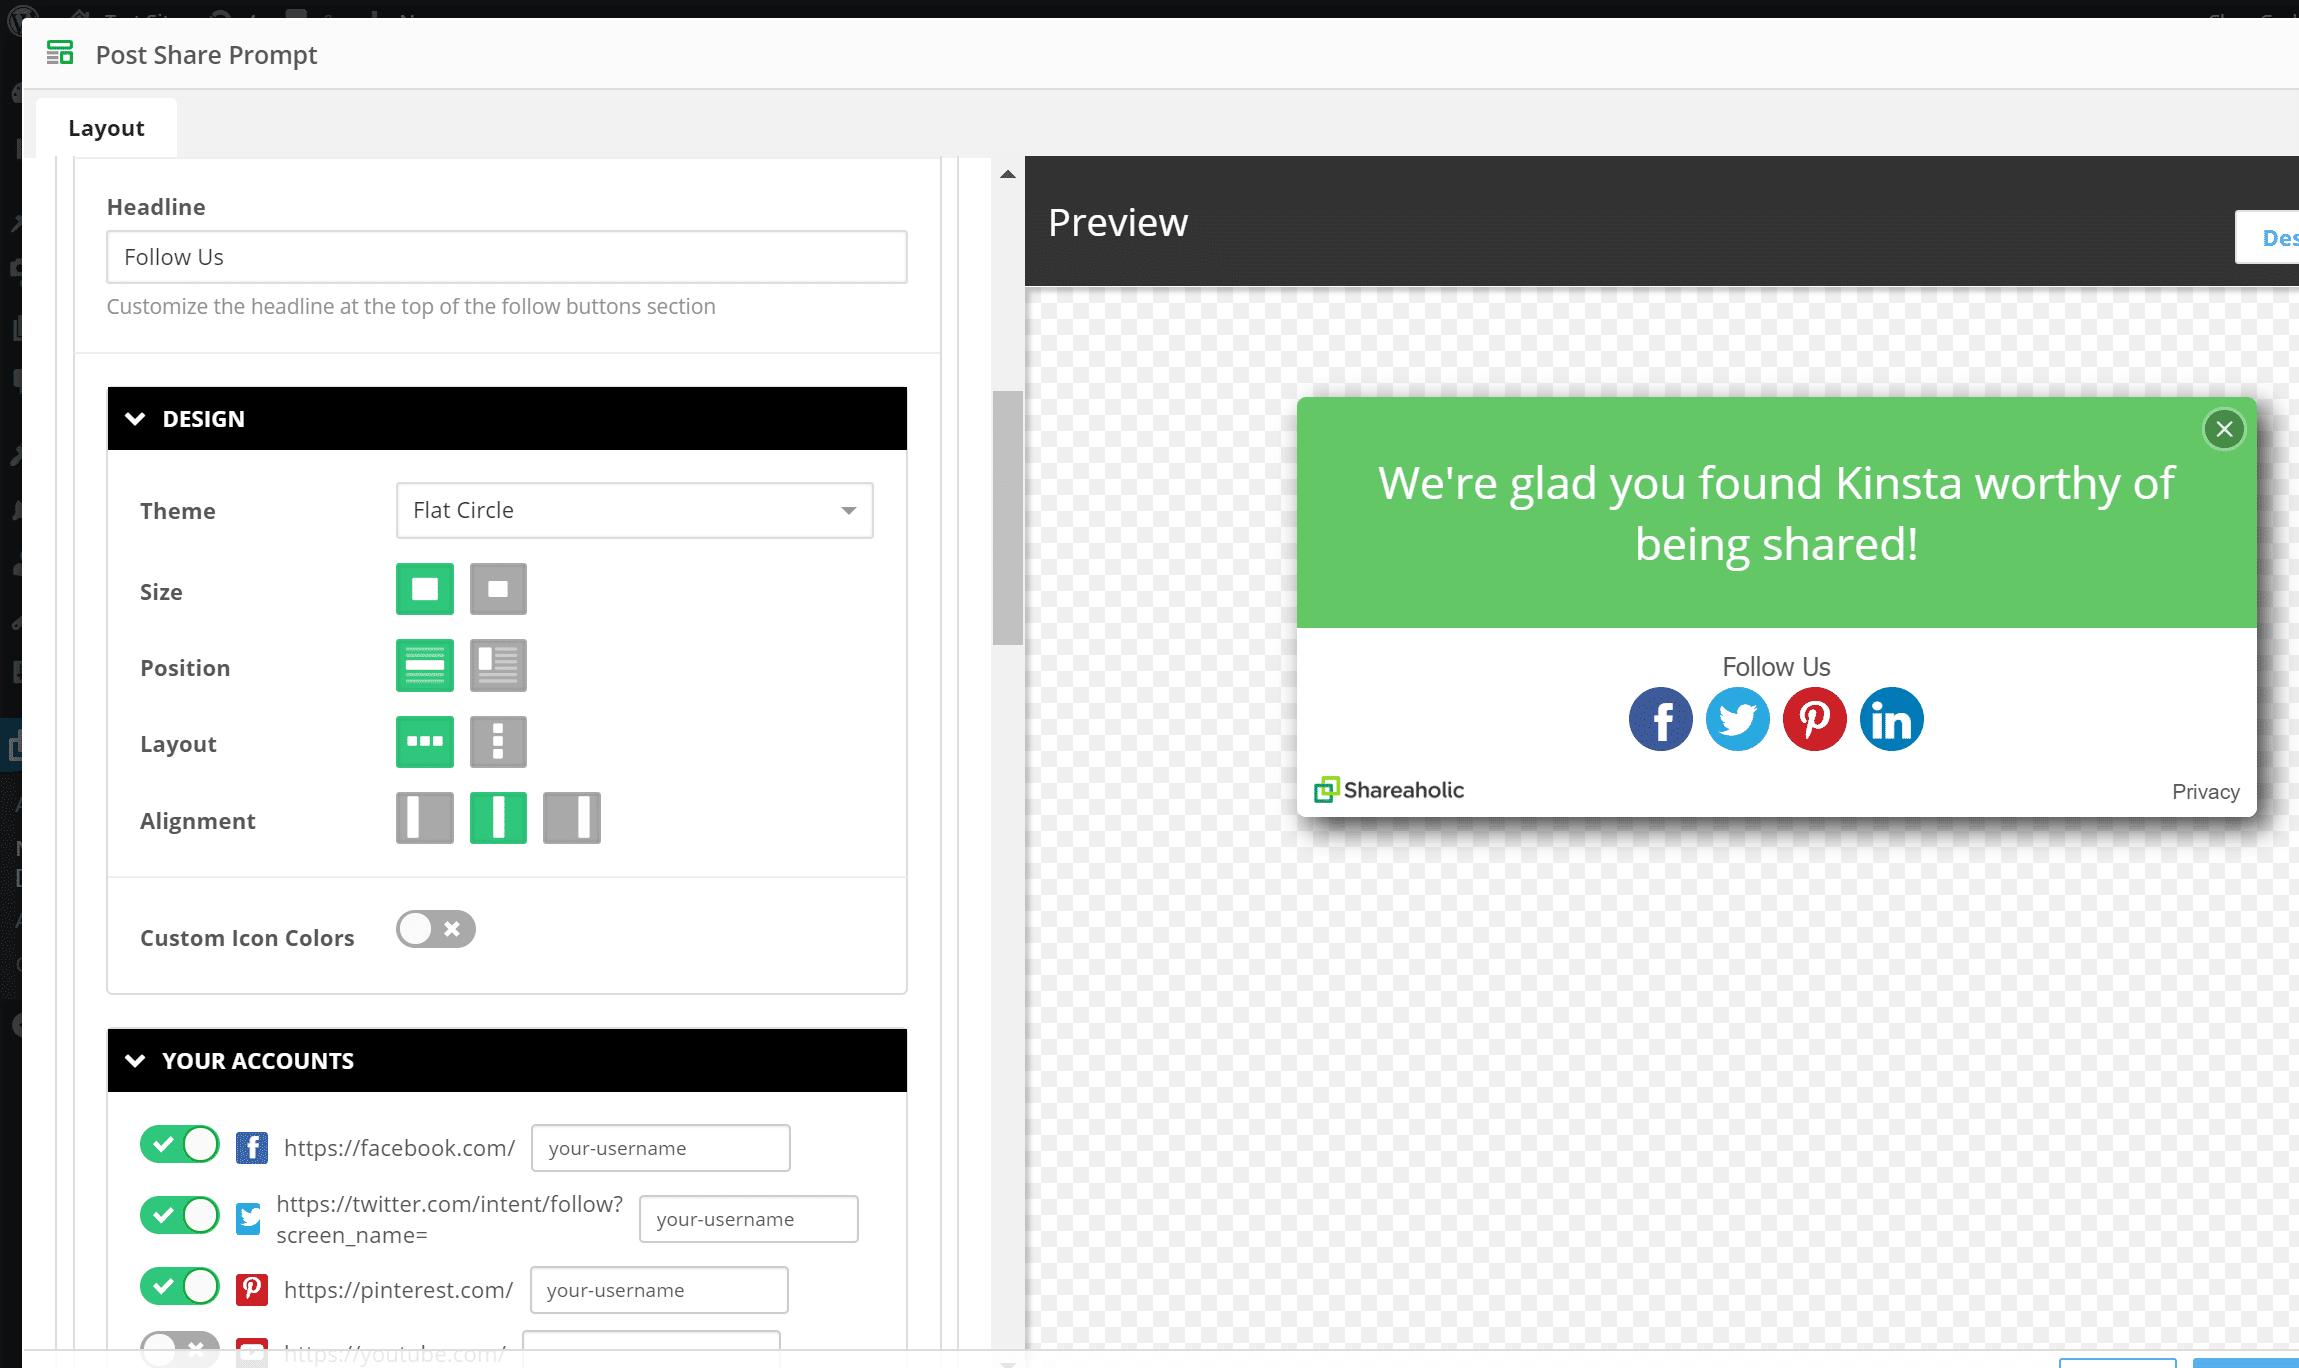 Como adicionar botões de seguimento ao aviso pós-partilha